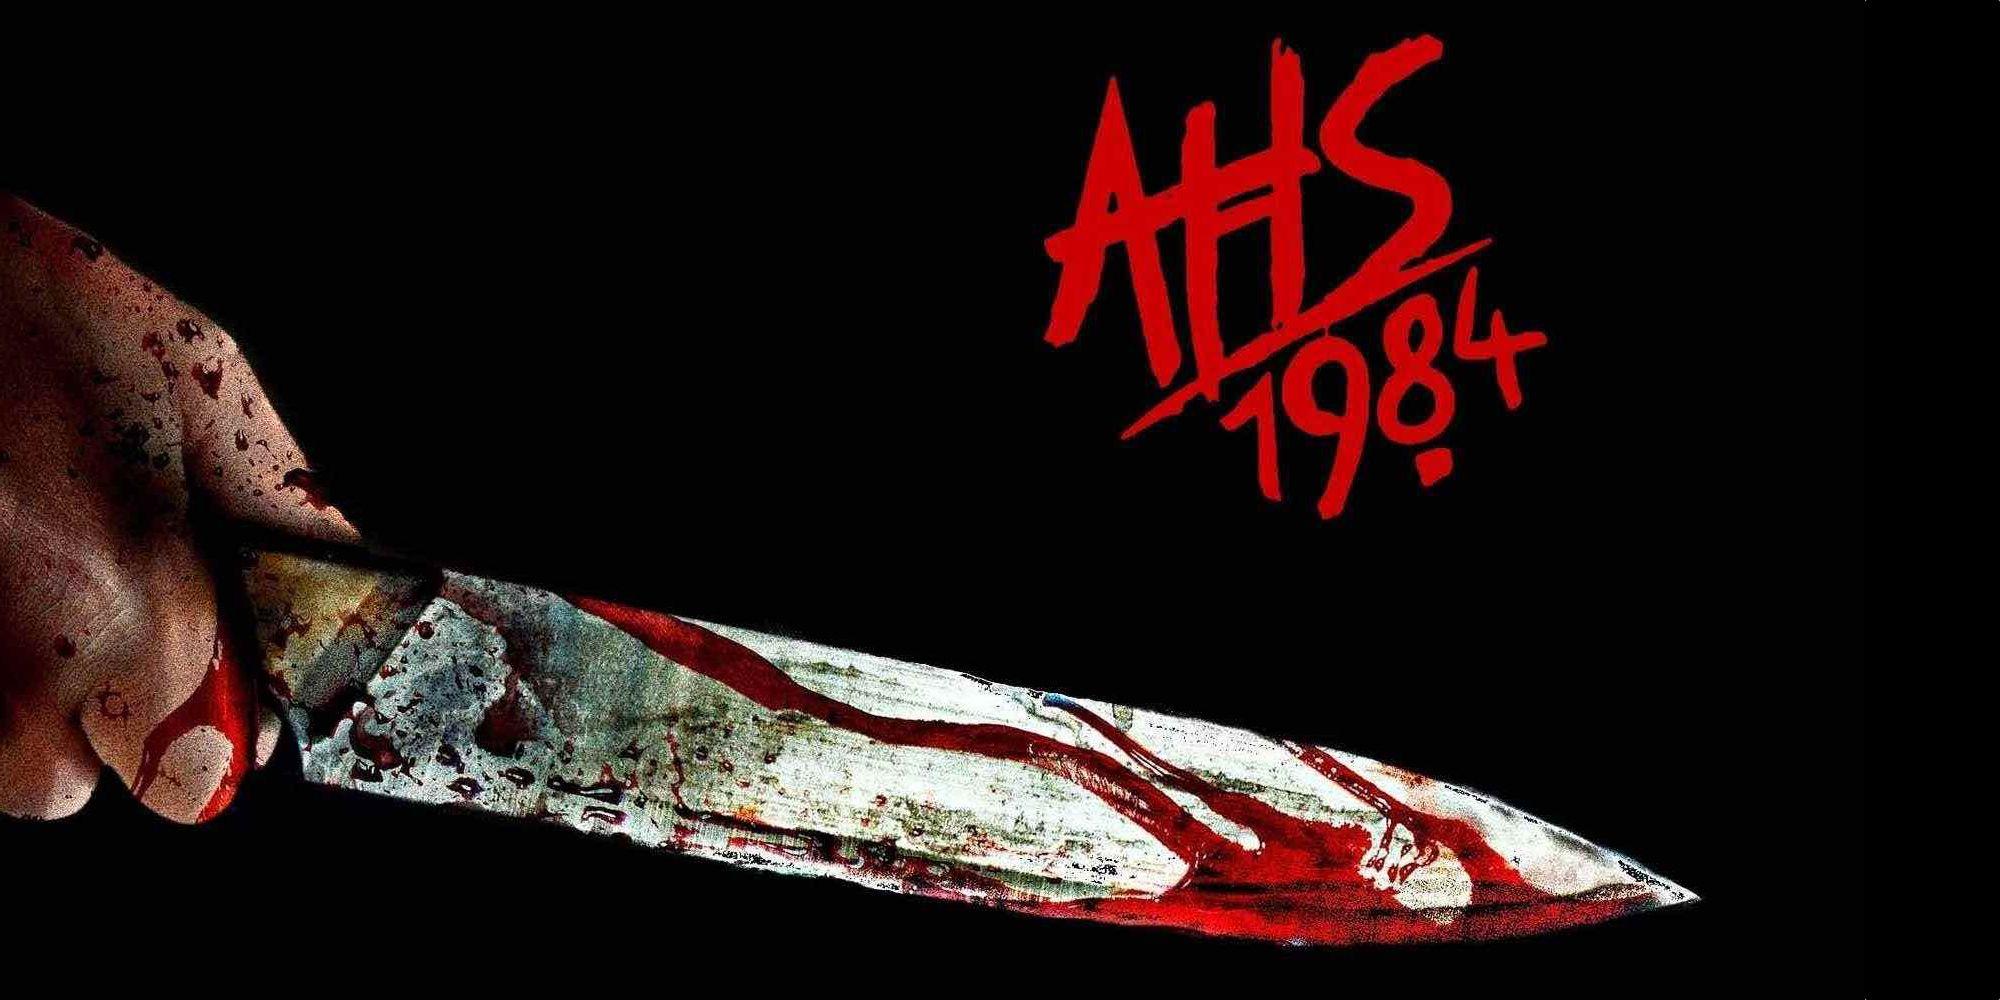 American-Horror-Story-1984-Poster.jpg